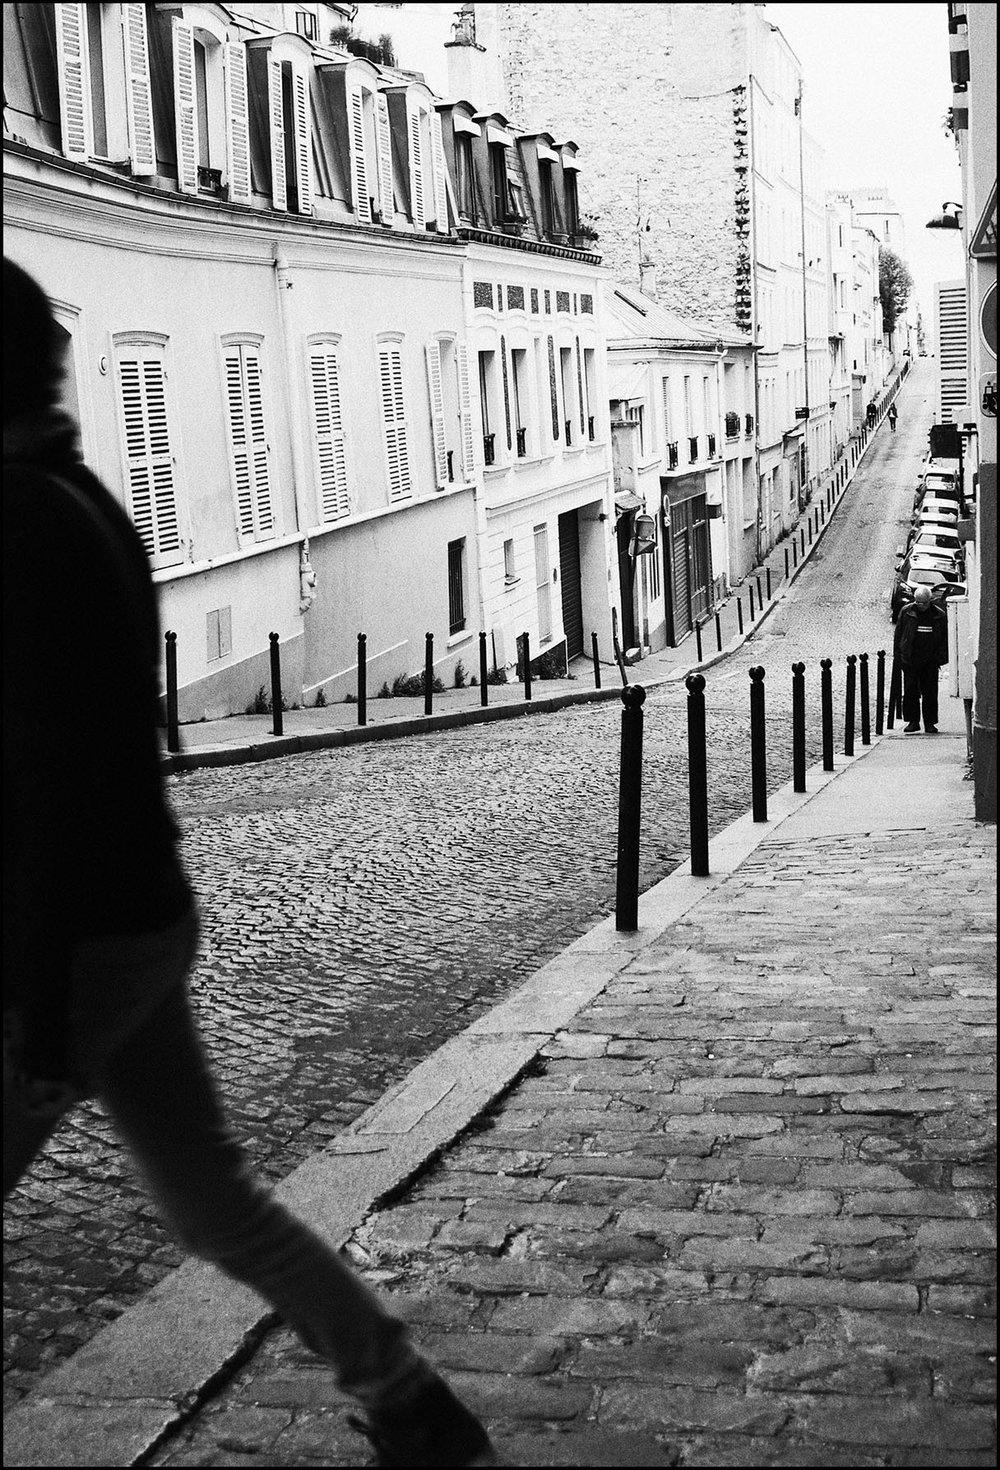 Merethe WesselBerg _ Series Paris _ Paris 2.jpg.jpg